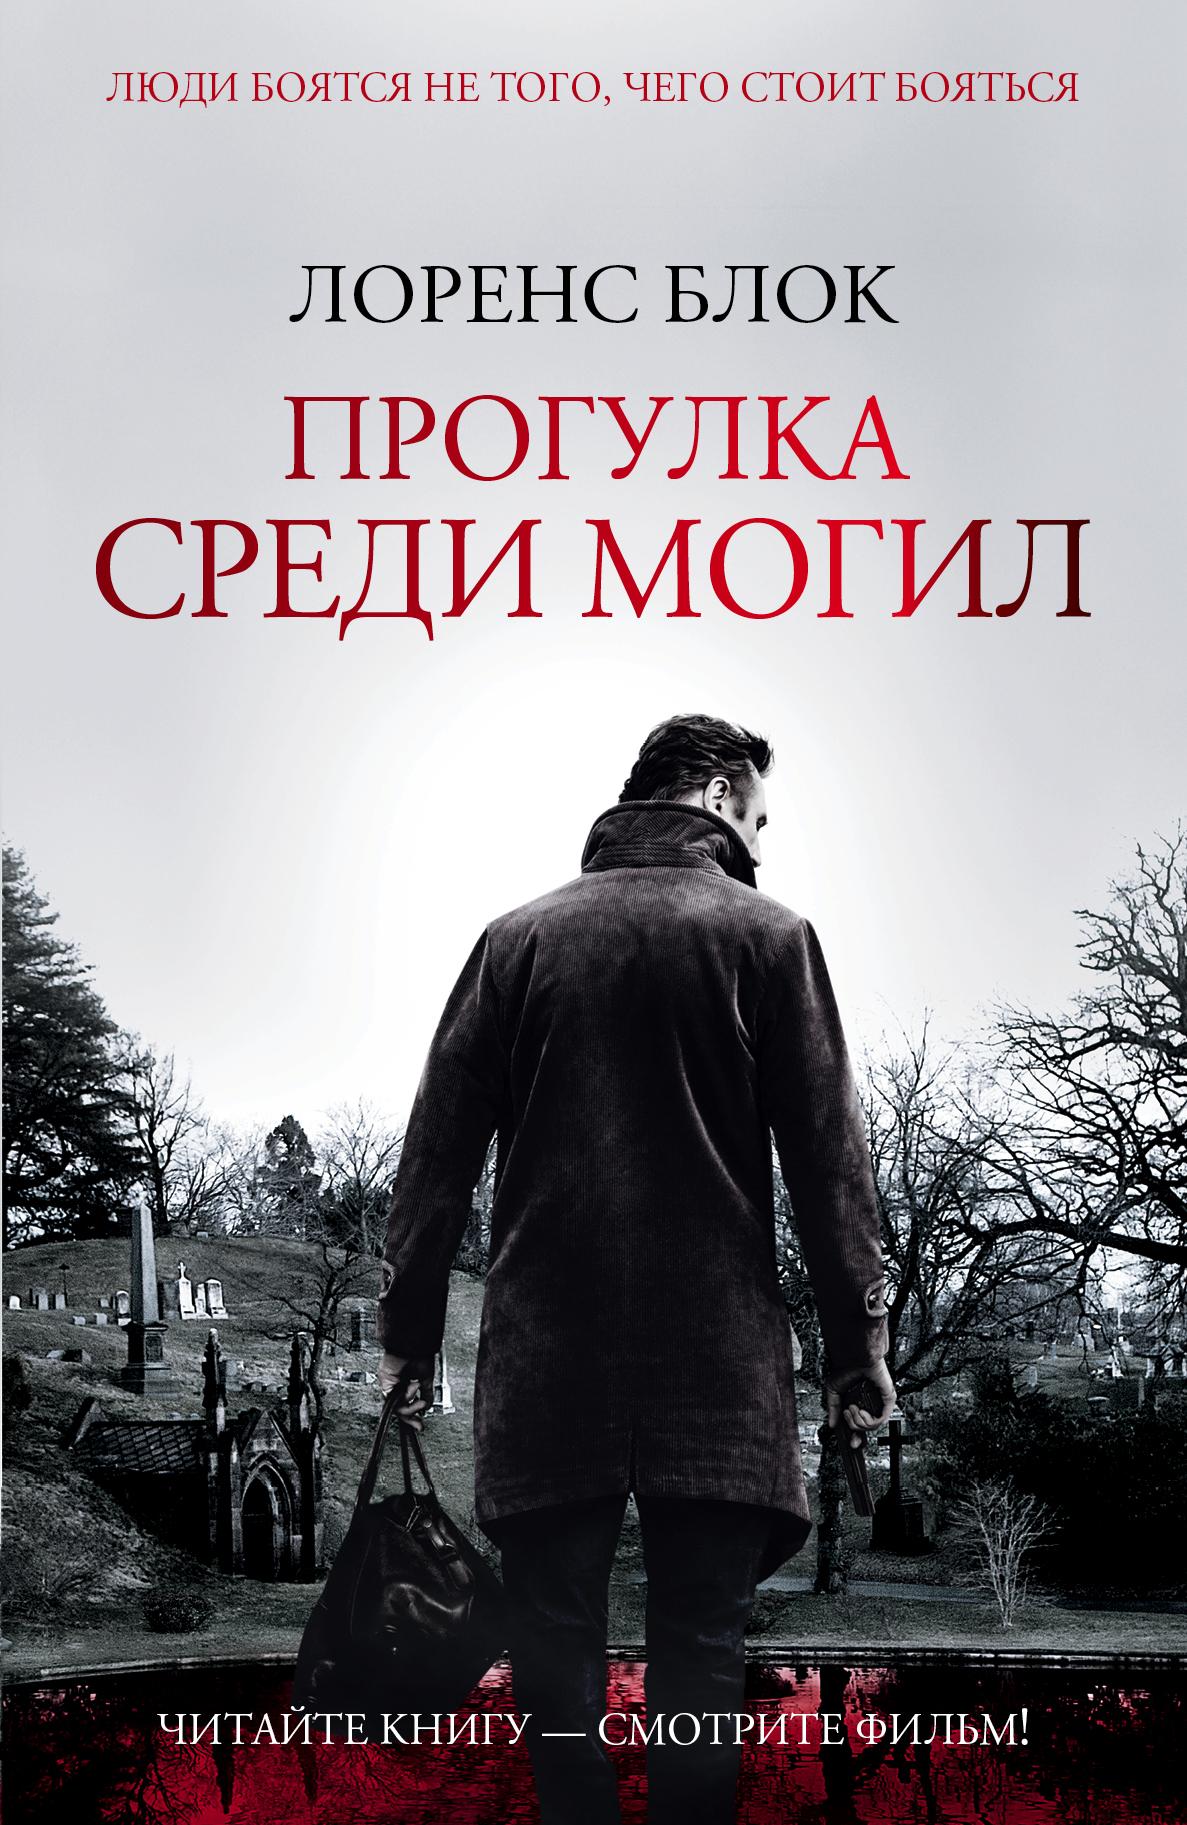 Прогулка среди могил от book24.ru